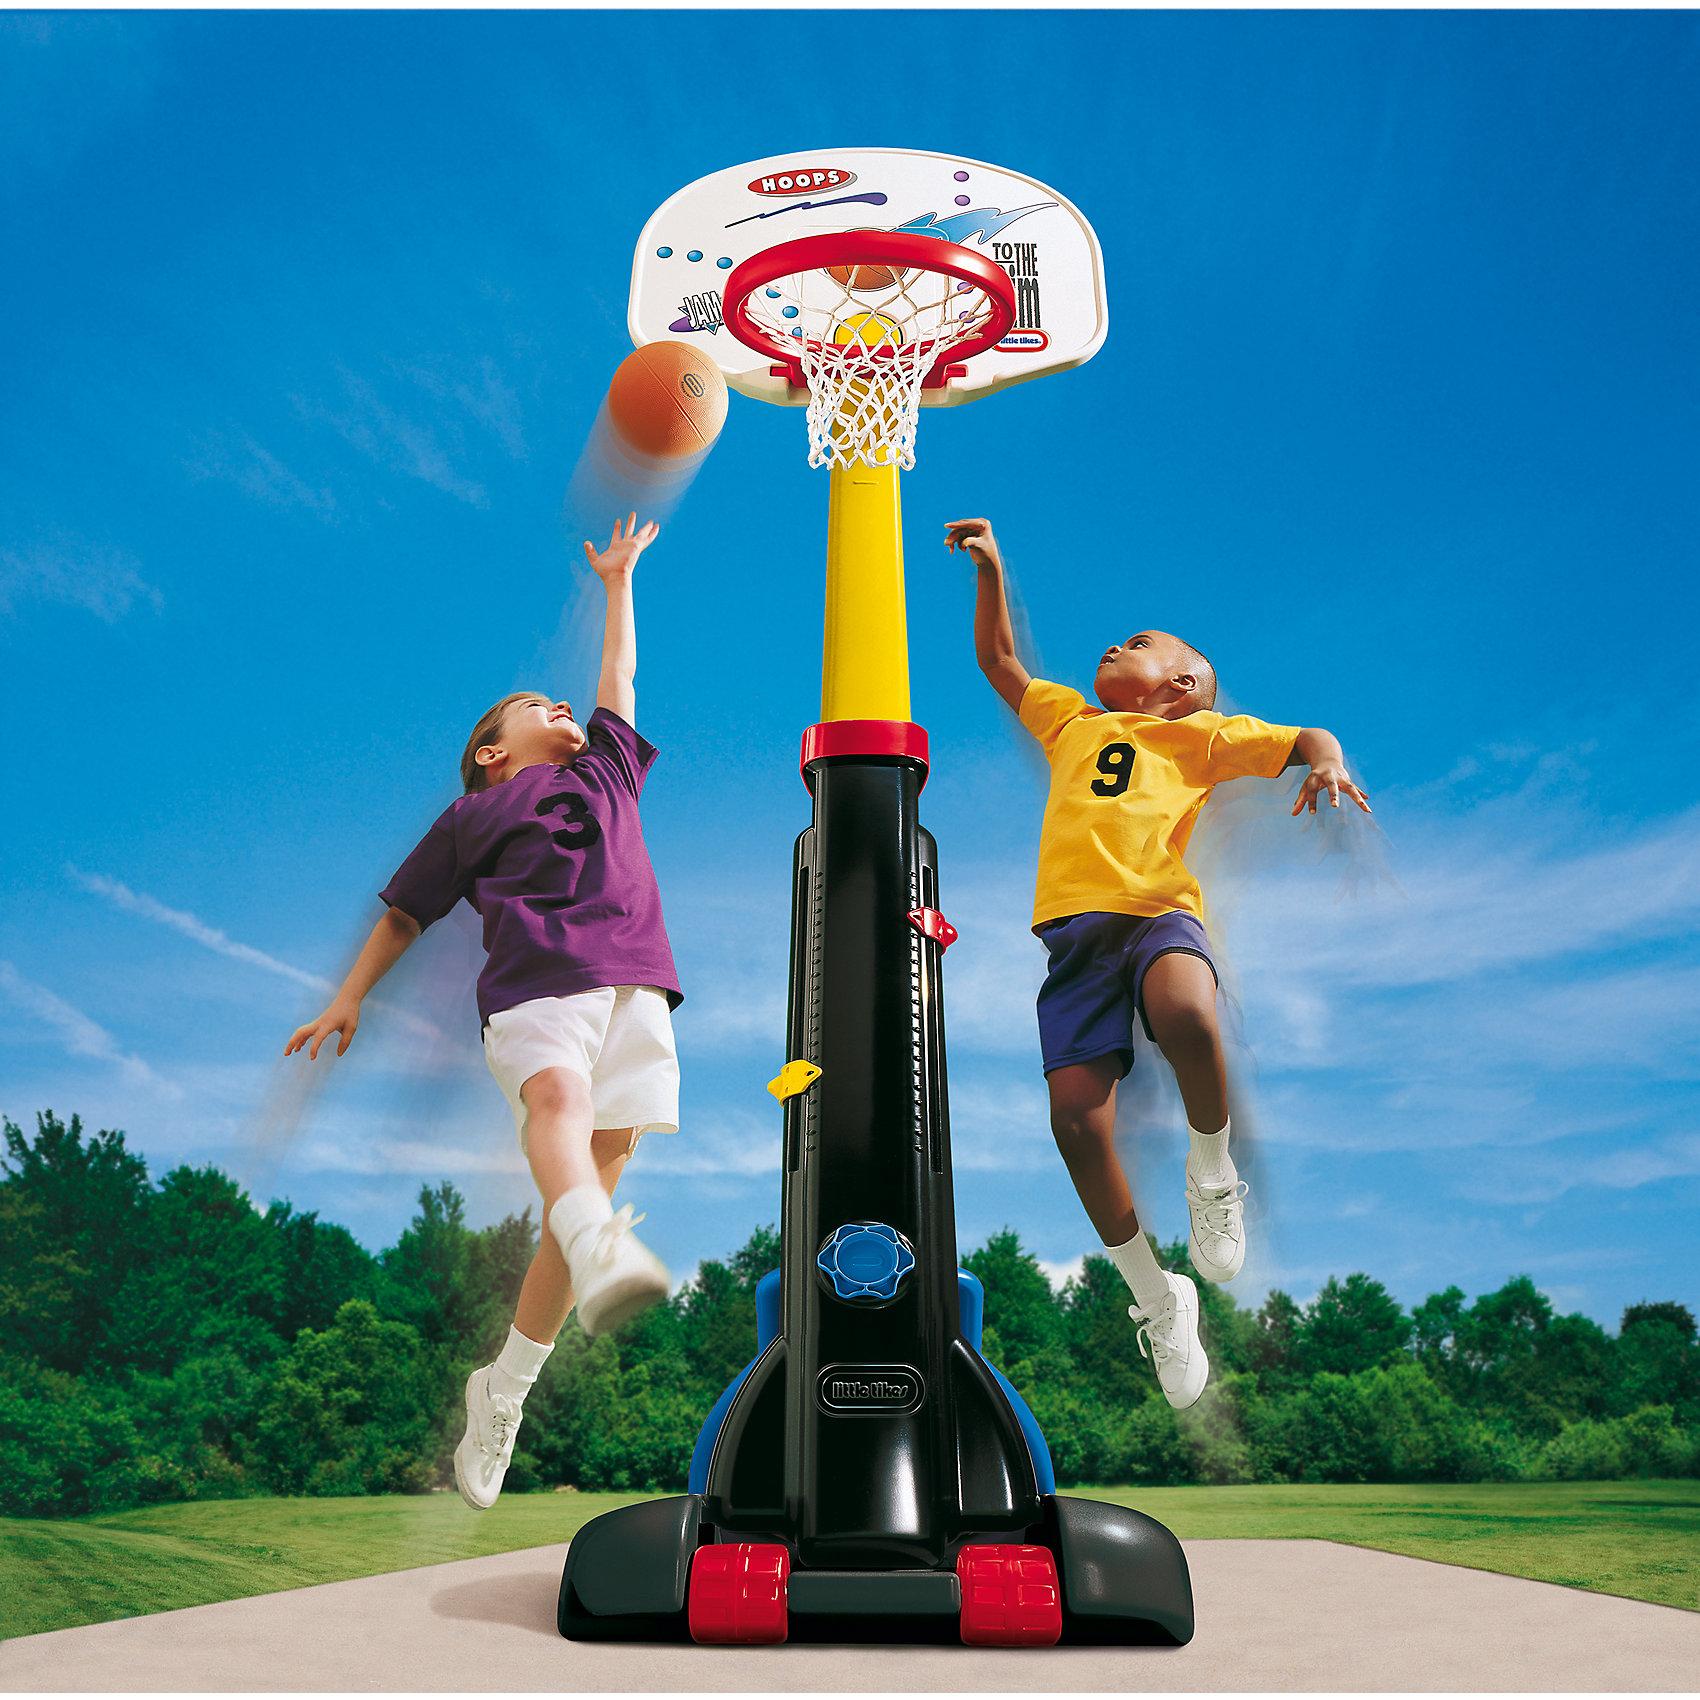 Little tikes Баскетбольный щит раздвижнойИгровые наборы<br>Баскетбольный щит с 5-ю регулировками высоты от 150 до 210 см, <br>он будет расти вместе с вашим ребенком и послужит отличным <br>развлечением на протяжении нескольких лет. По окончании дачного <br>сезона, щит можно сложить до компактных размеров и убрать, <br>удобные колеса облегчат вам его перенос.<br>В комплекте со щитом продается мяч, имитирующий настоящий <br>баскетбольный, но меньше по размеру и значительно мягче, что <br>идеально подходит для детей, т.к. не может  травмировать их в <br>процессе игры.<br><br>При изготовлении щита применяется метод центробежного литья, <br>что позволяет сделать его ударопрочным  и устойчивым к перепадам <br>температур. Выдерживает температуру до -18?С<br><br>Щит предназначен для детей от 3-х лет<br>Размеры щита 74 х 81 х 260 см (длина, ширина, высота)<br>Размеры упаковки: 60 х 28 х 123 см<br>Вес упаковки: 13,06кг<br><br>Ширина мм: 1250<br>Глубина мм: 280<br>Высота мм: 600<br>Вес г: 12000<br>Возраст от месяцев: 36<br>Возраст до месяцев: 96<br>Пол: Унисекс<br>Возраст: Детский<br>SKU: 2269292